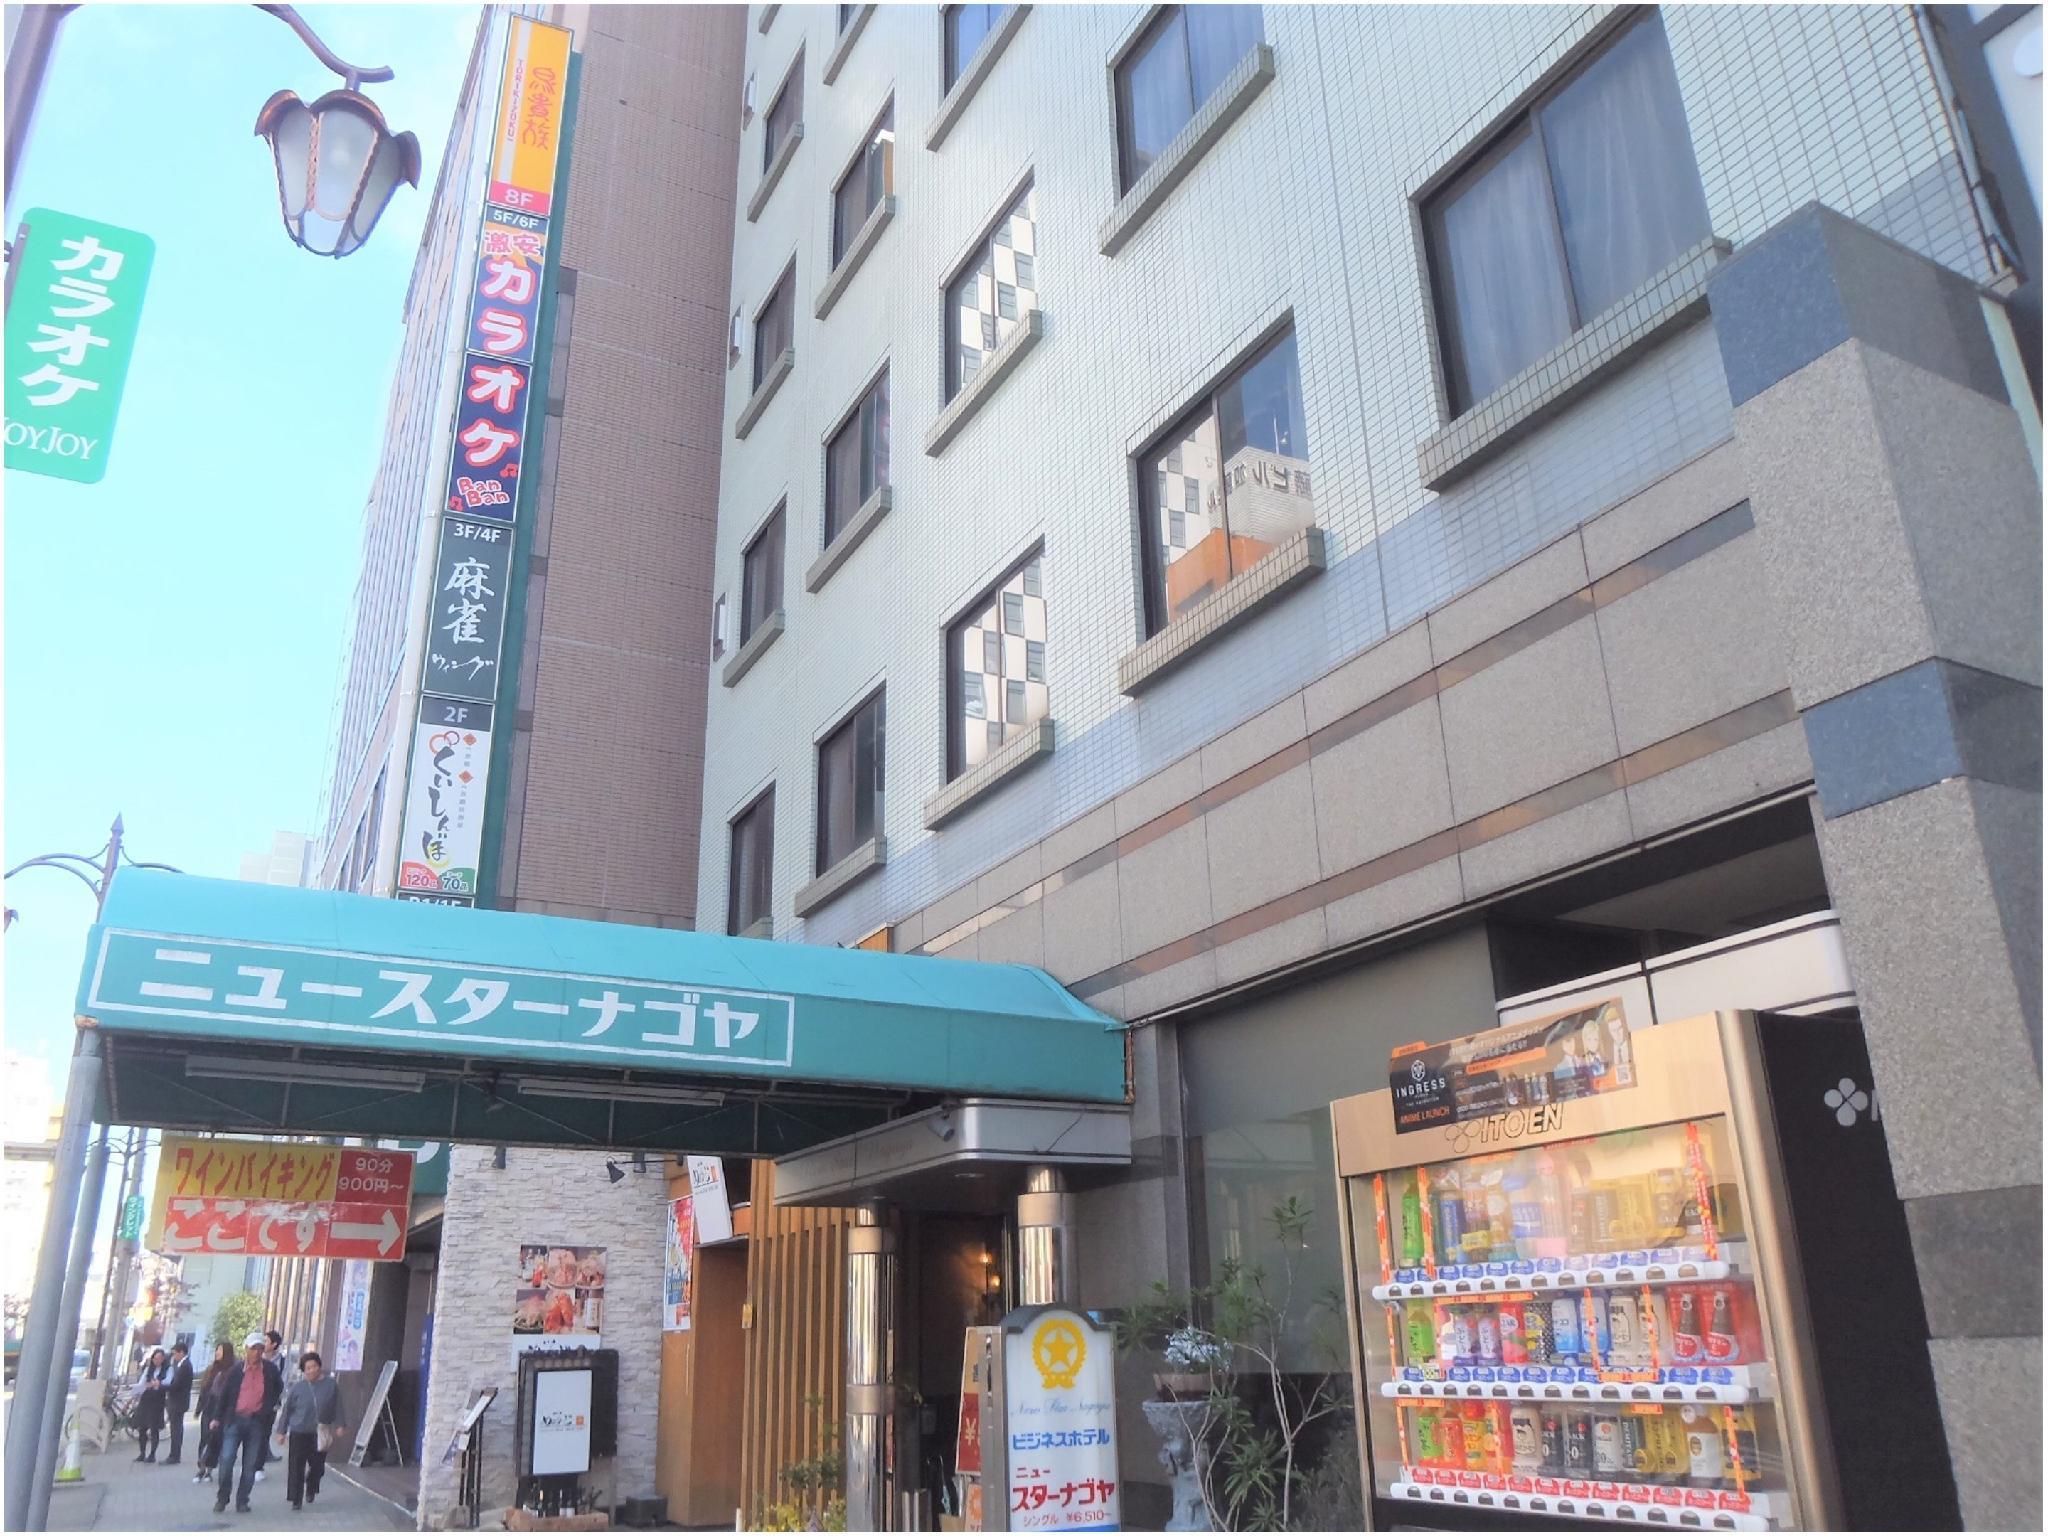 New Star Nagoya